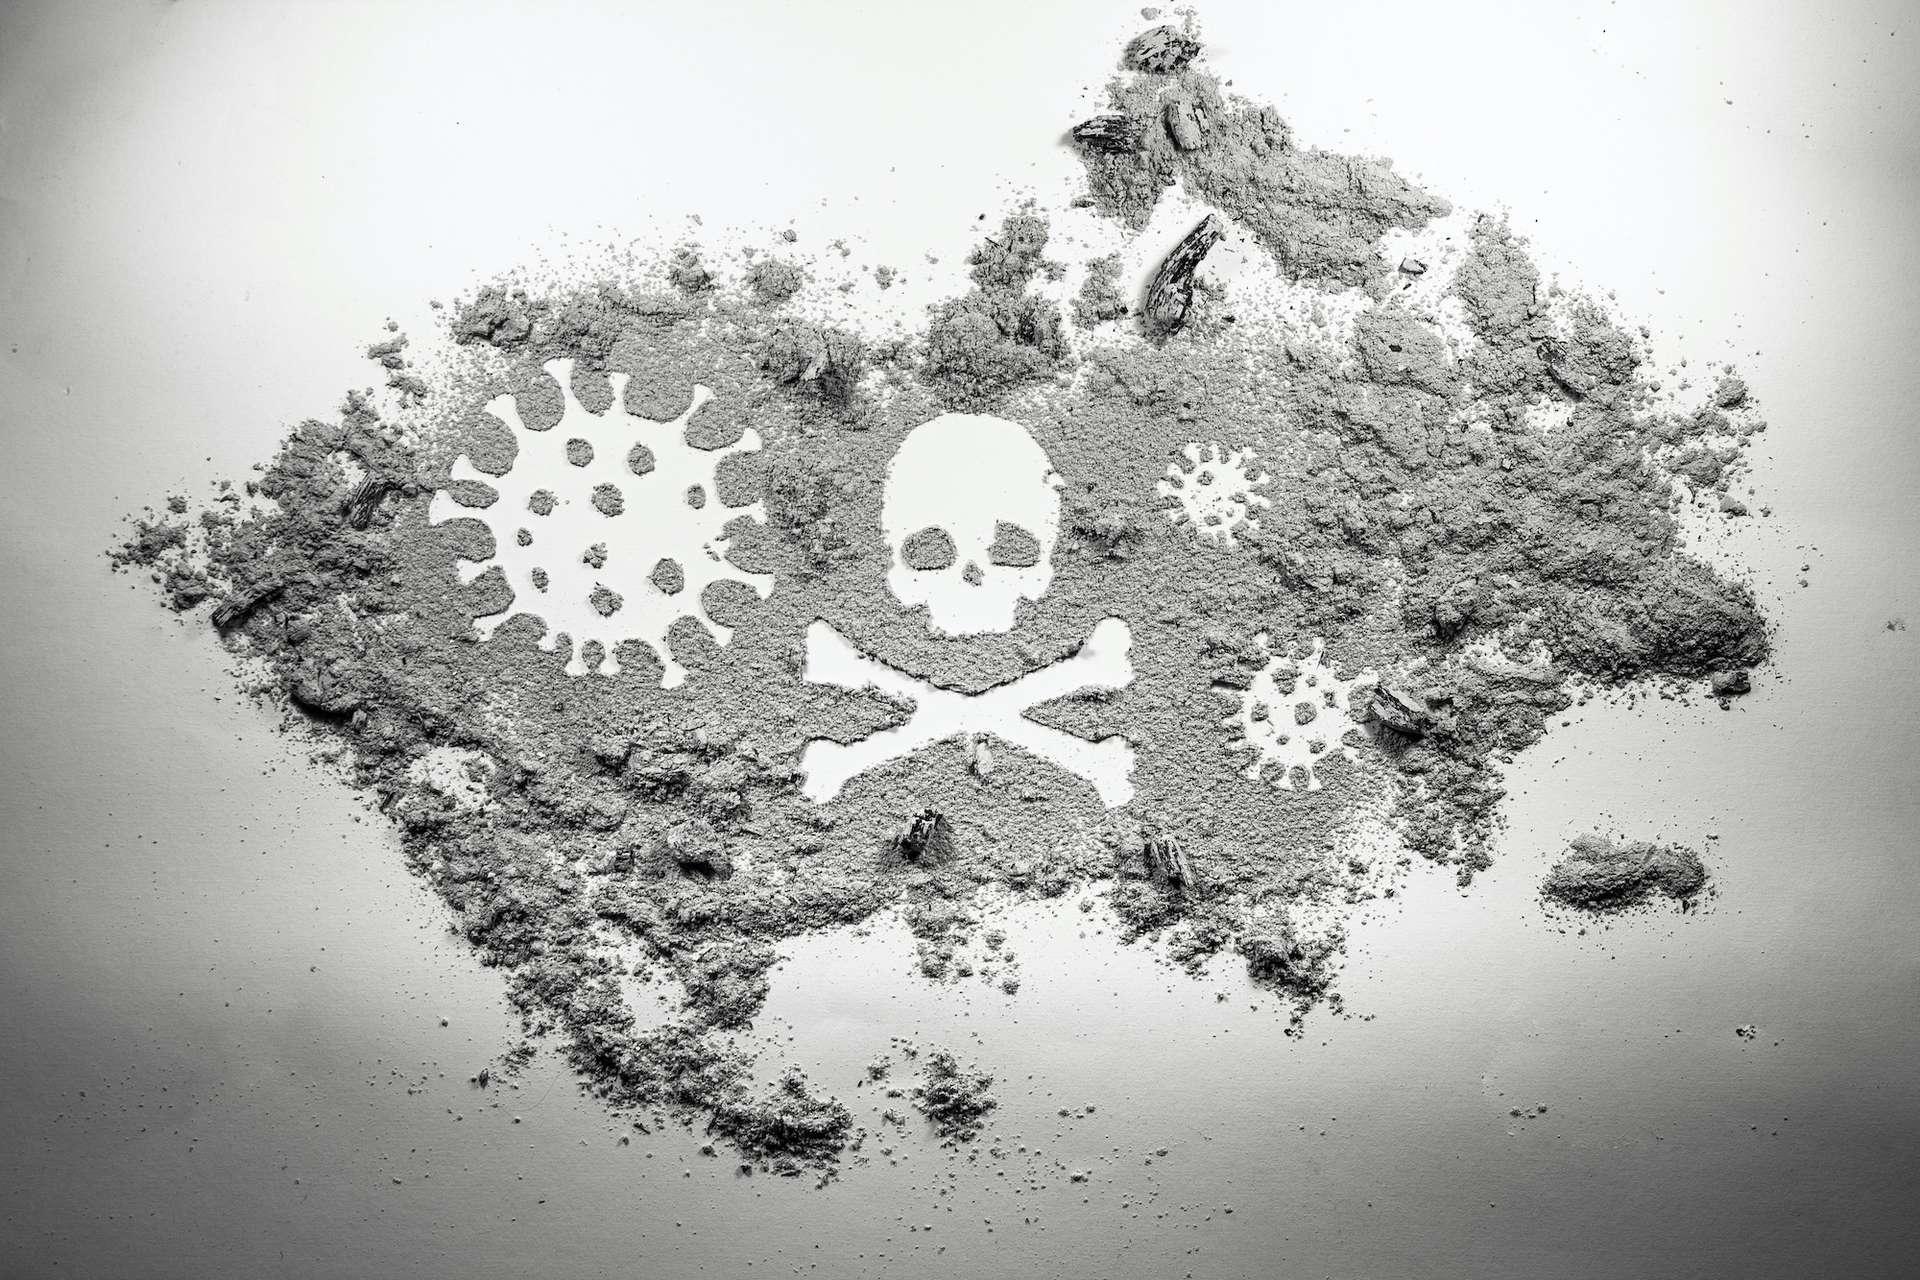 Le coronavirus fait perdre 16 ans d'espérance de vie aux personnes qui en décèdent. © domagoj8888, Adobe Stock